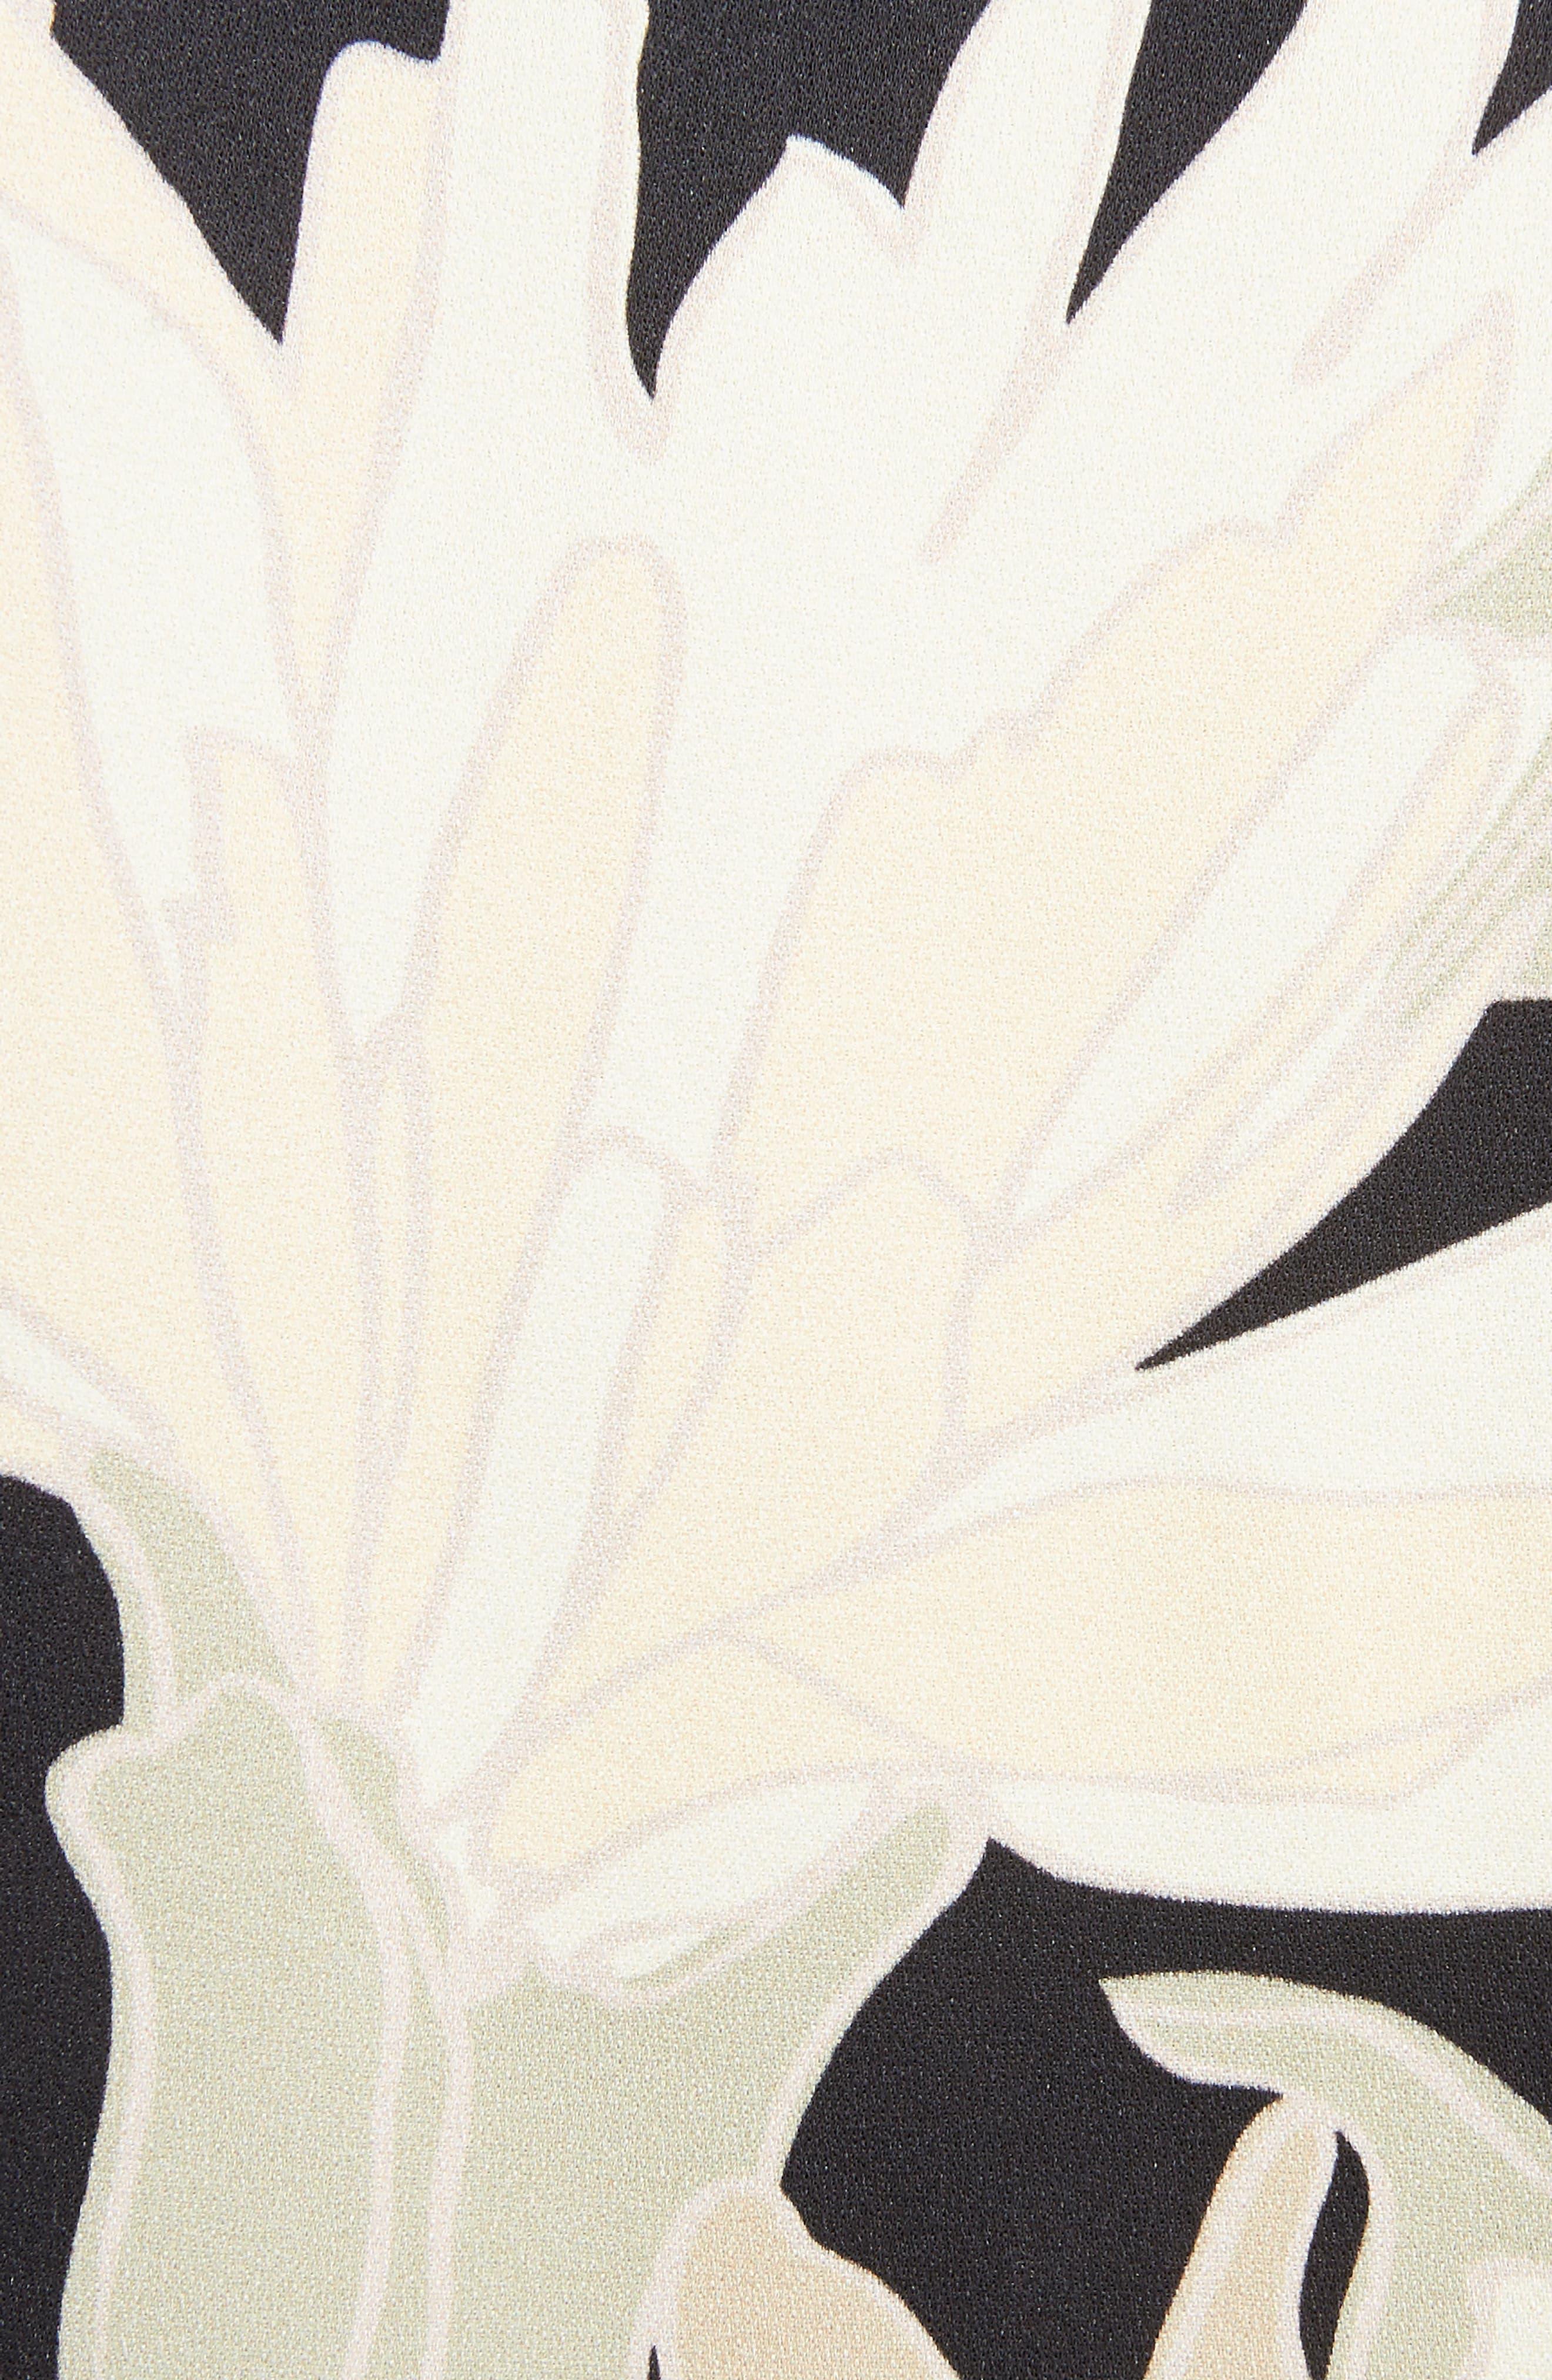 Knit Trim Floral Dress,                             Alternate thumbnail 5, color,                             900